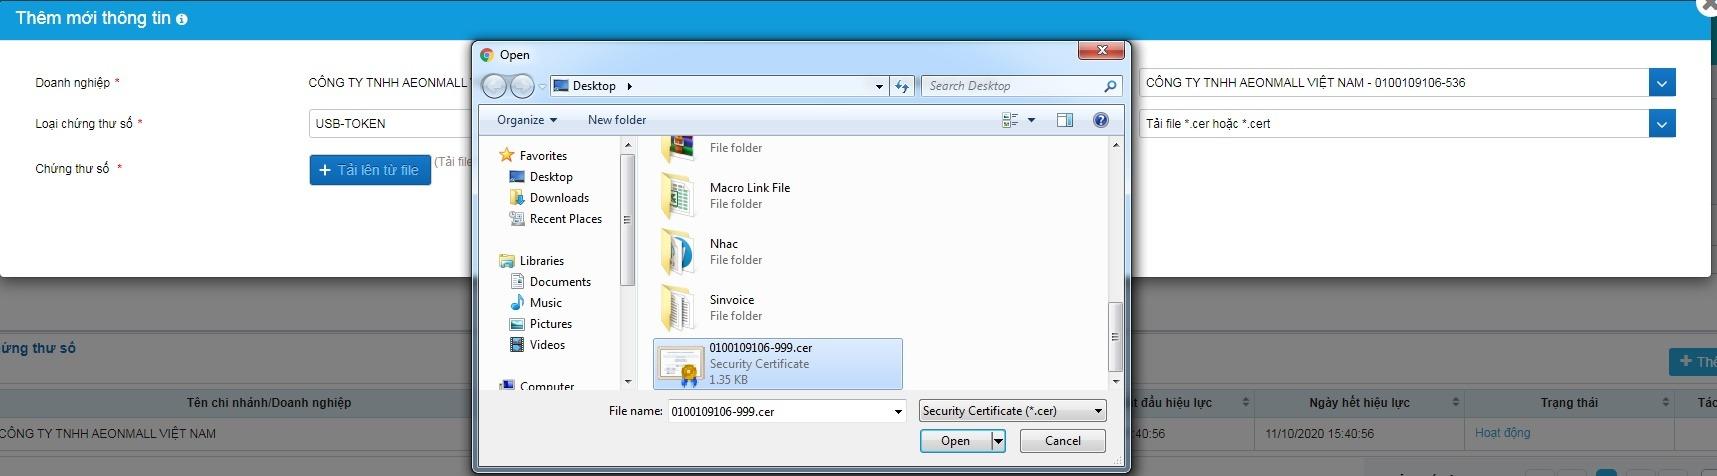 Thêm mới từ file Cer, Cert đã Export